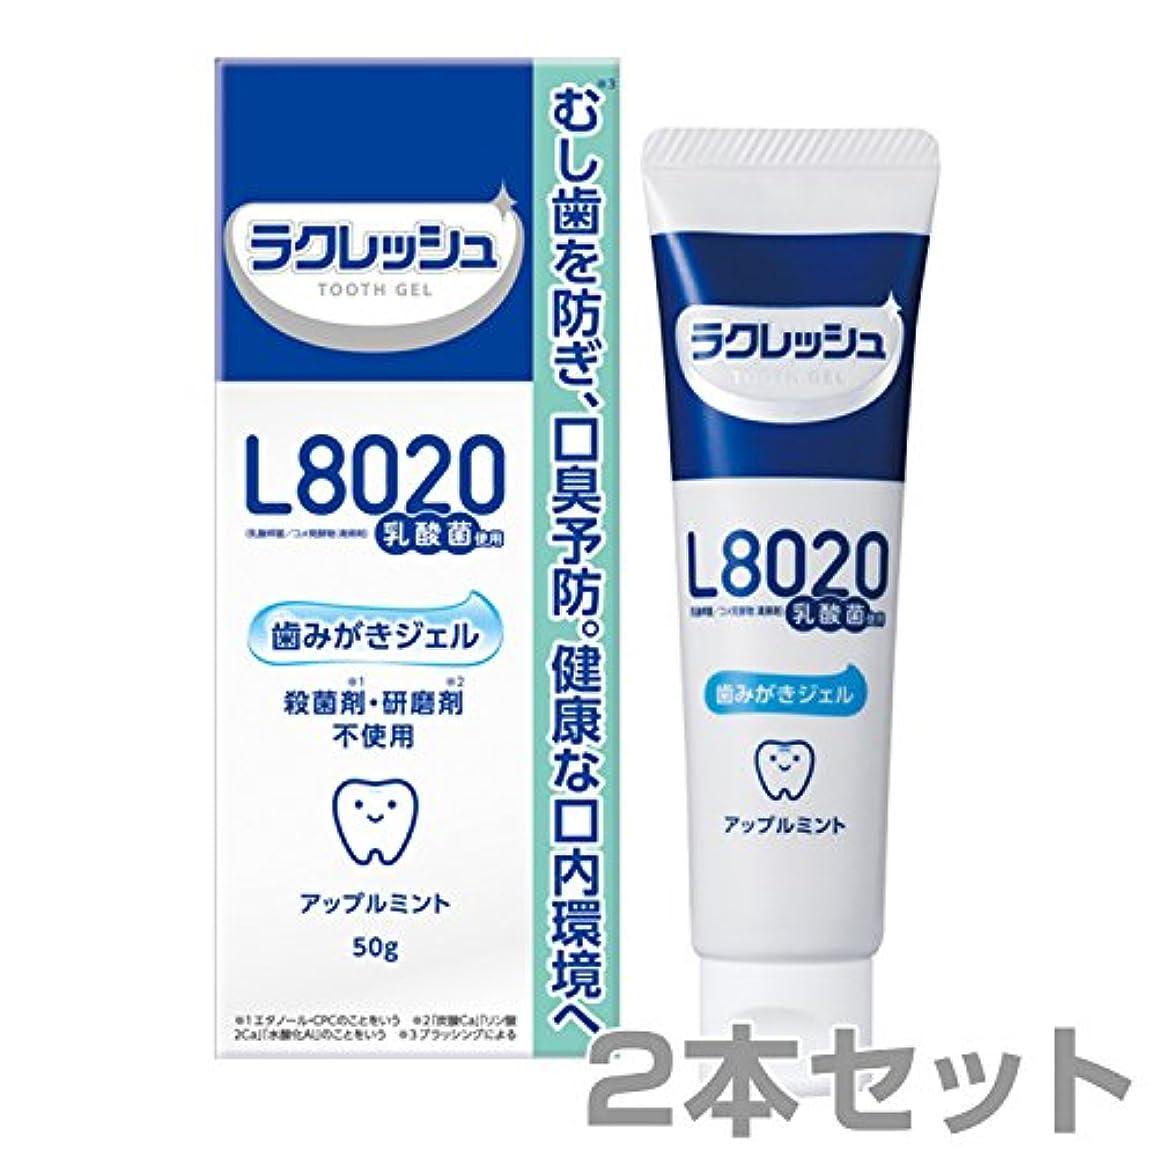 オペレーター全国ヘッジジェクス(JEX) ラクレッシュ L8020 乳酸菌 歯みがきジェル (50g) 2本セット アップルミント風味